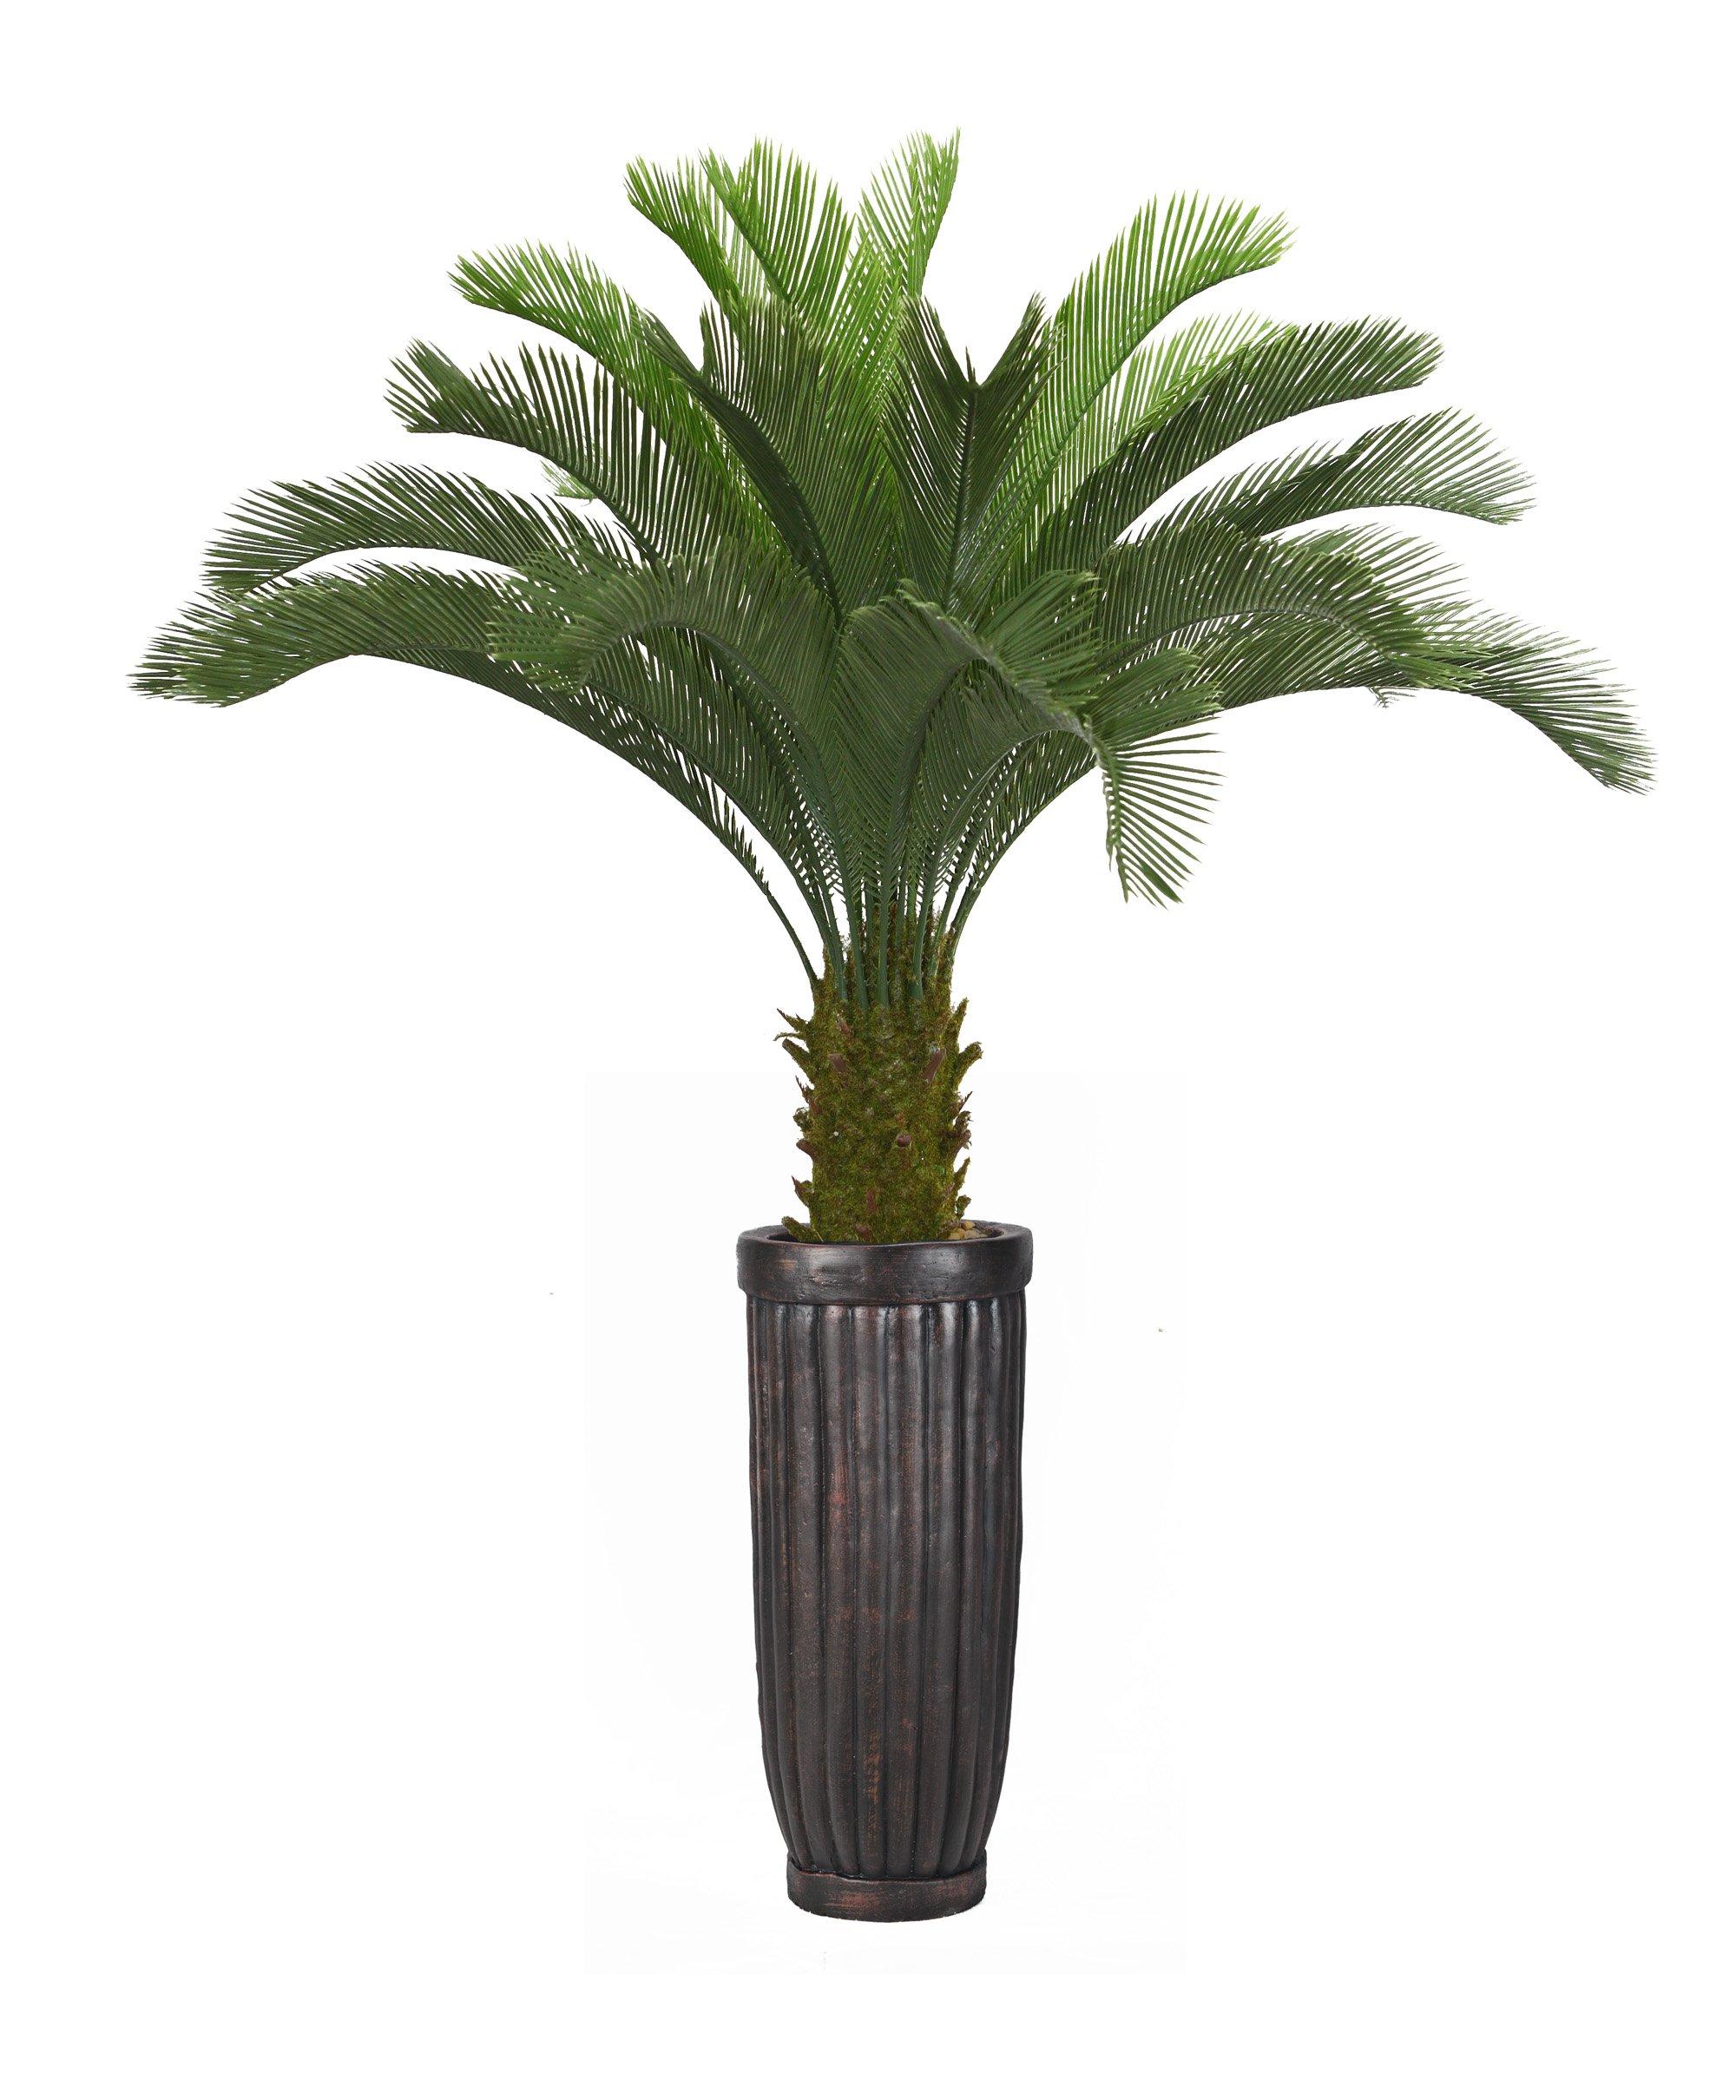 Laura Ashley VHX111214 Cycas Palm Tree Planter, 69''